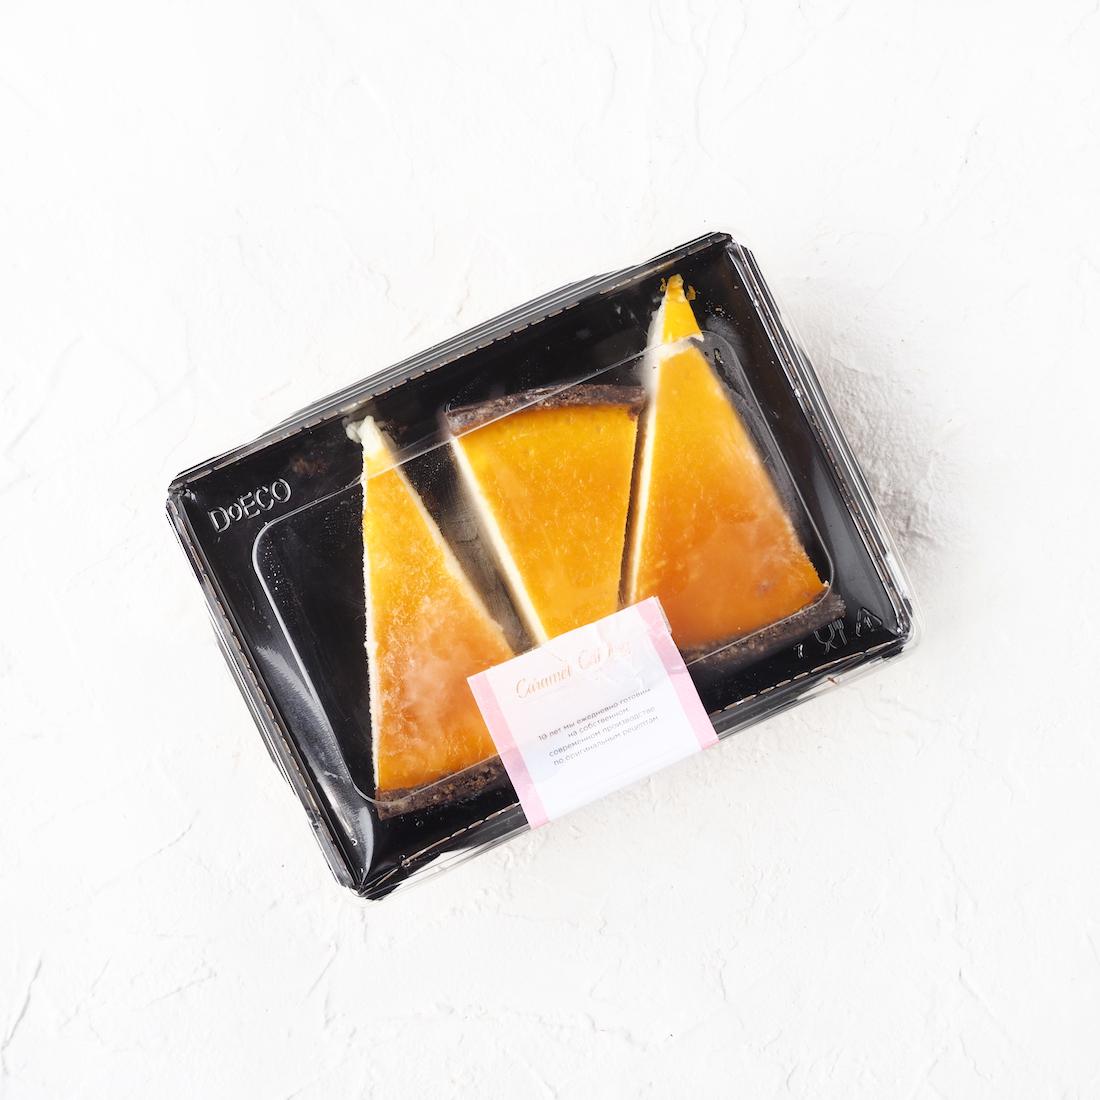 Замороженный чизкейк с маракуйей и манго (3 шт., 330 г)